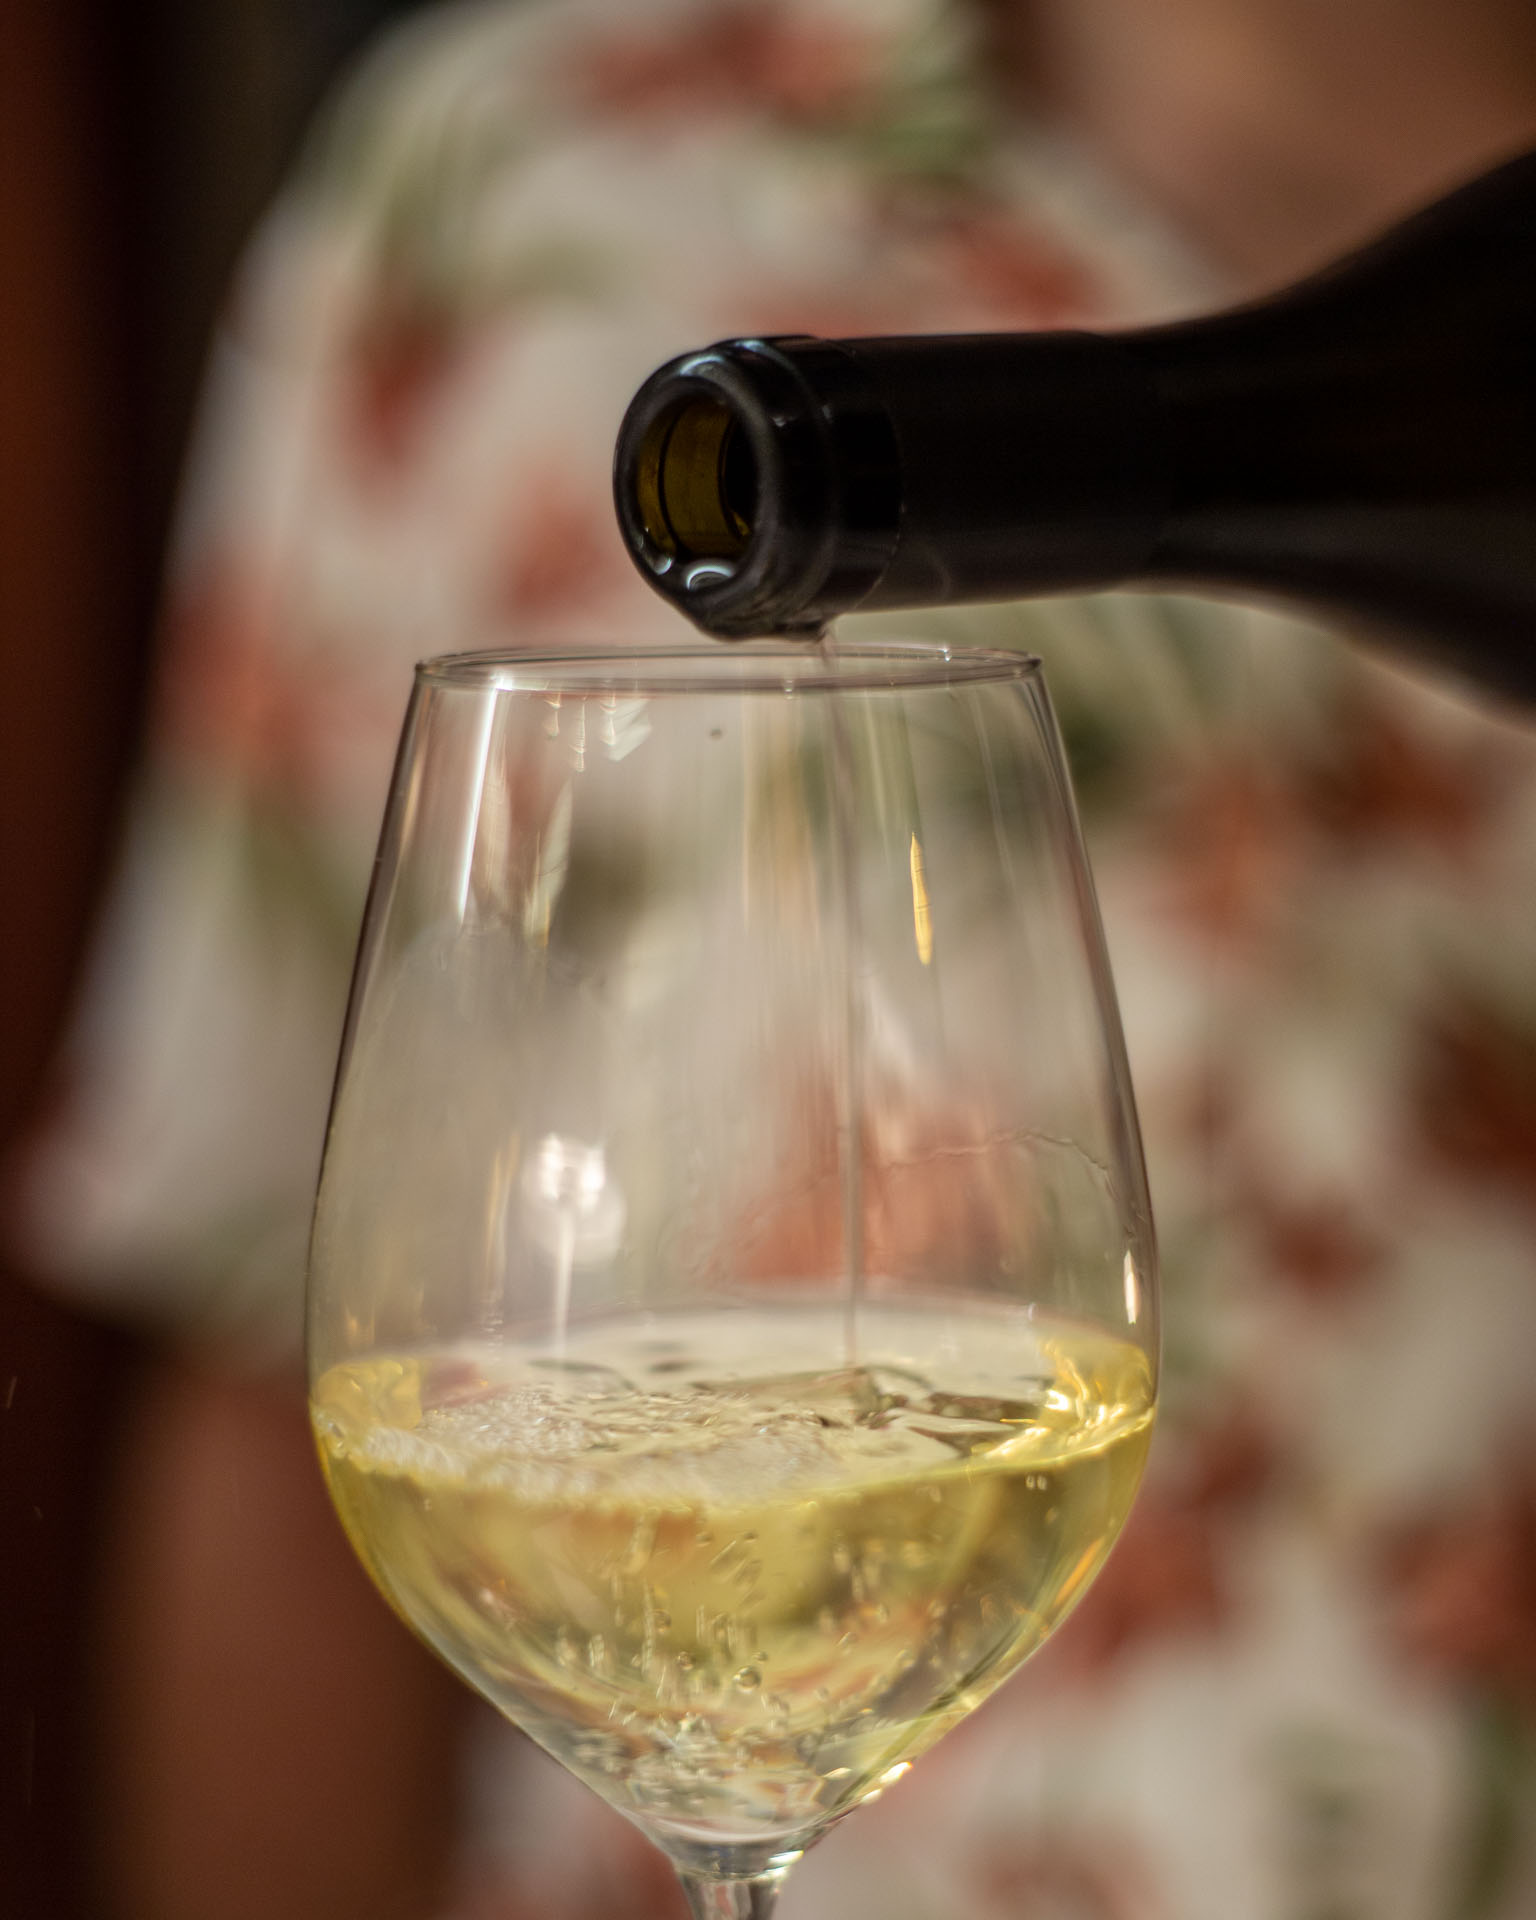 vino bianco miglior ristorante pesce pistoia